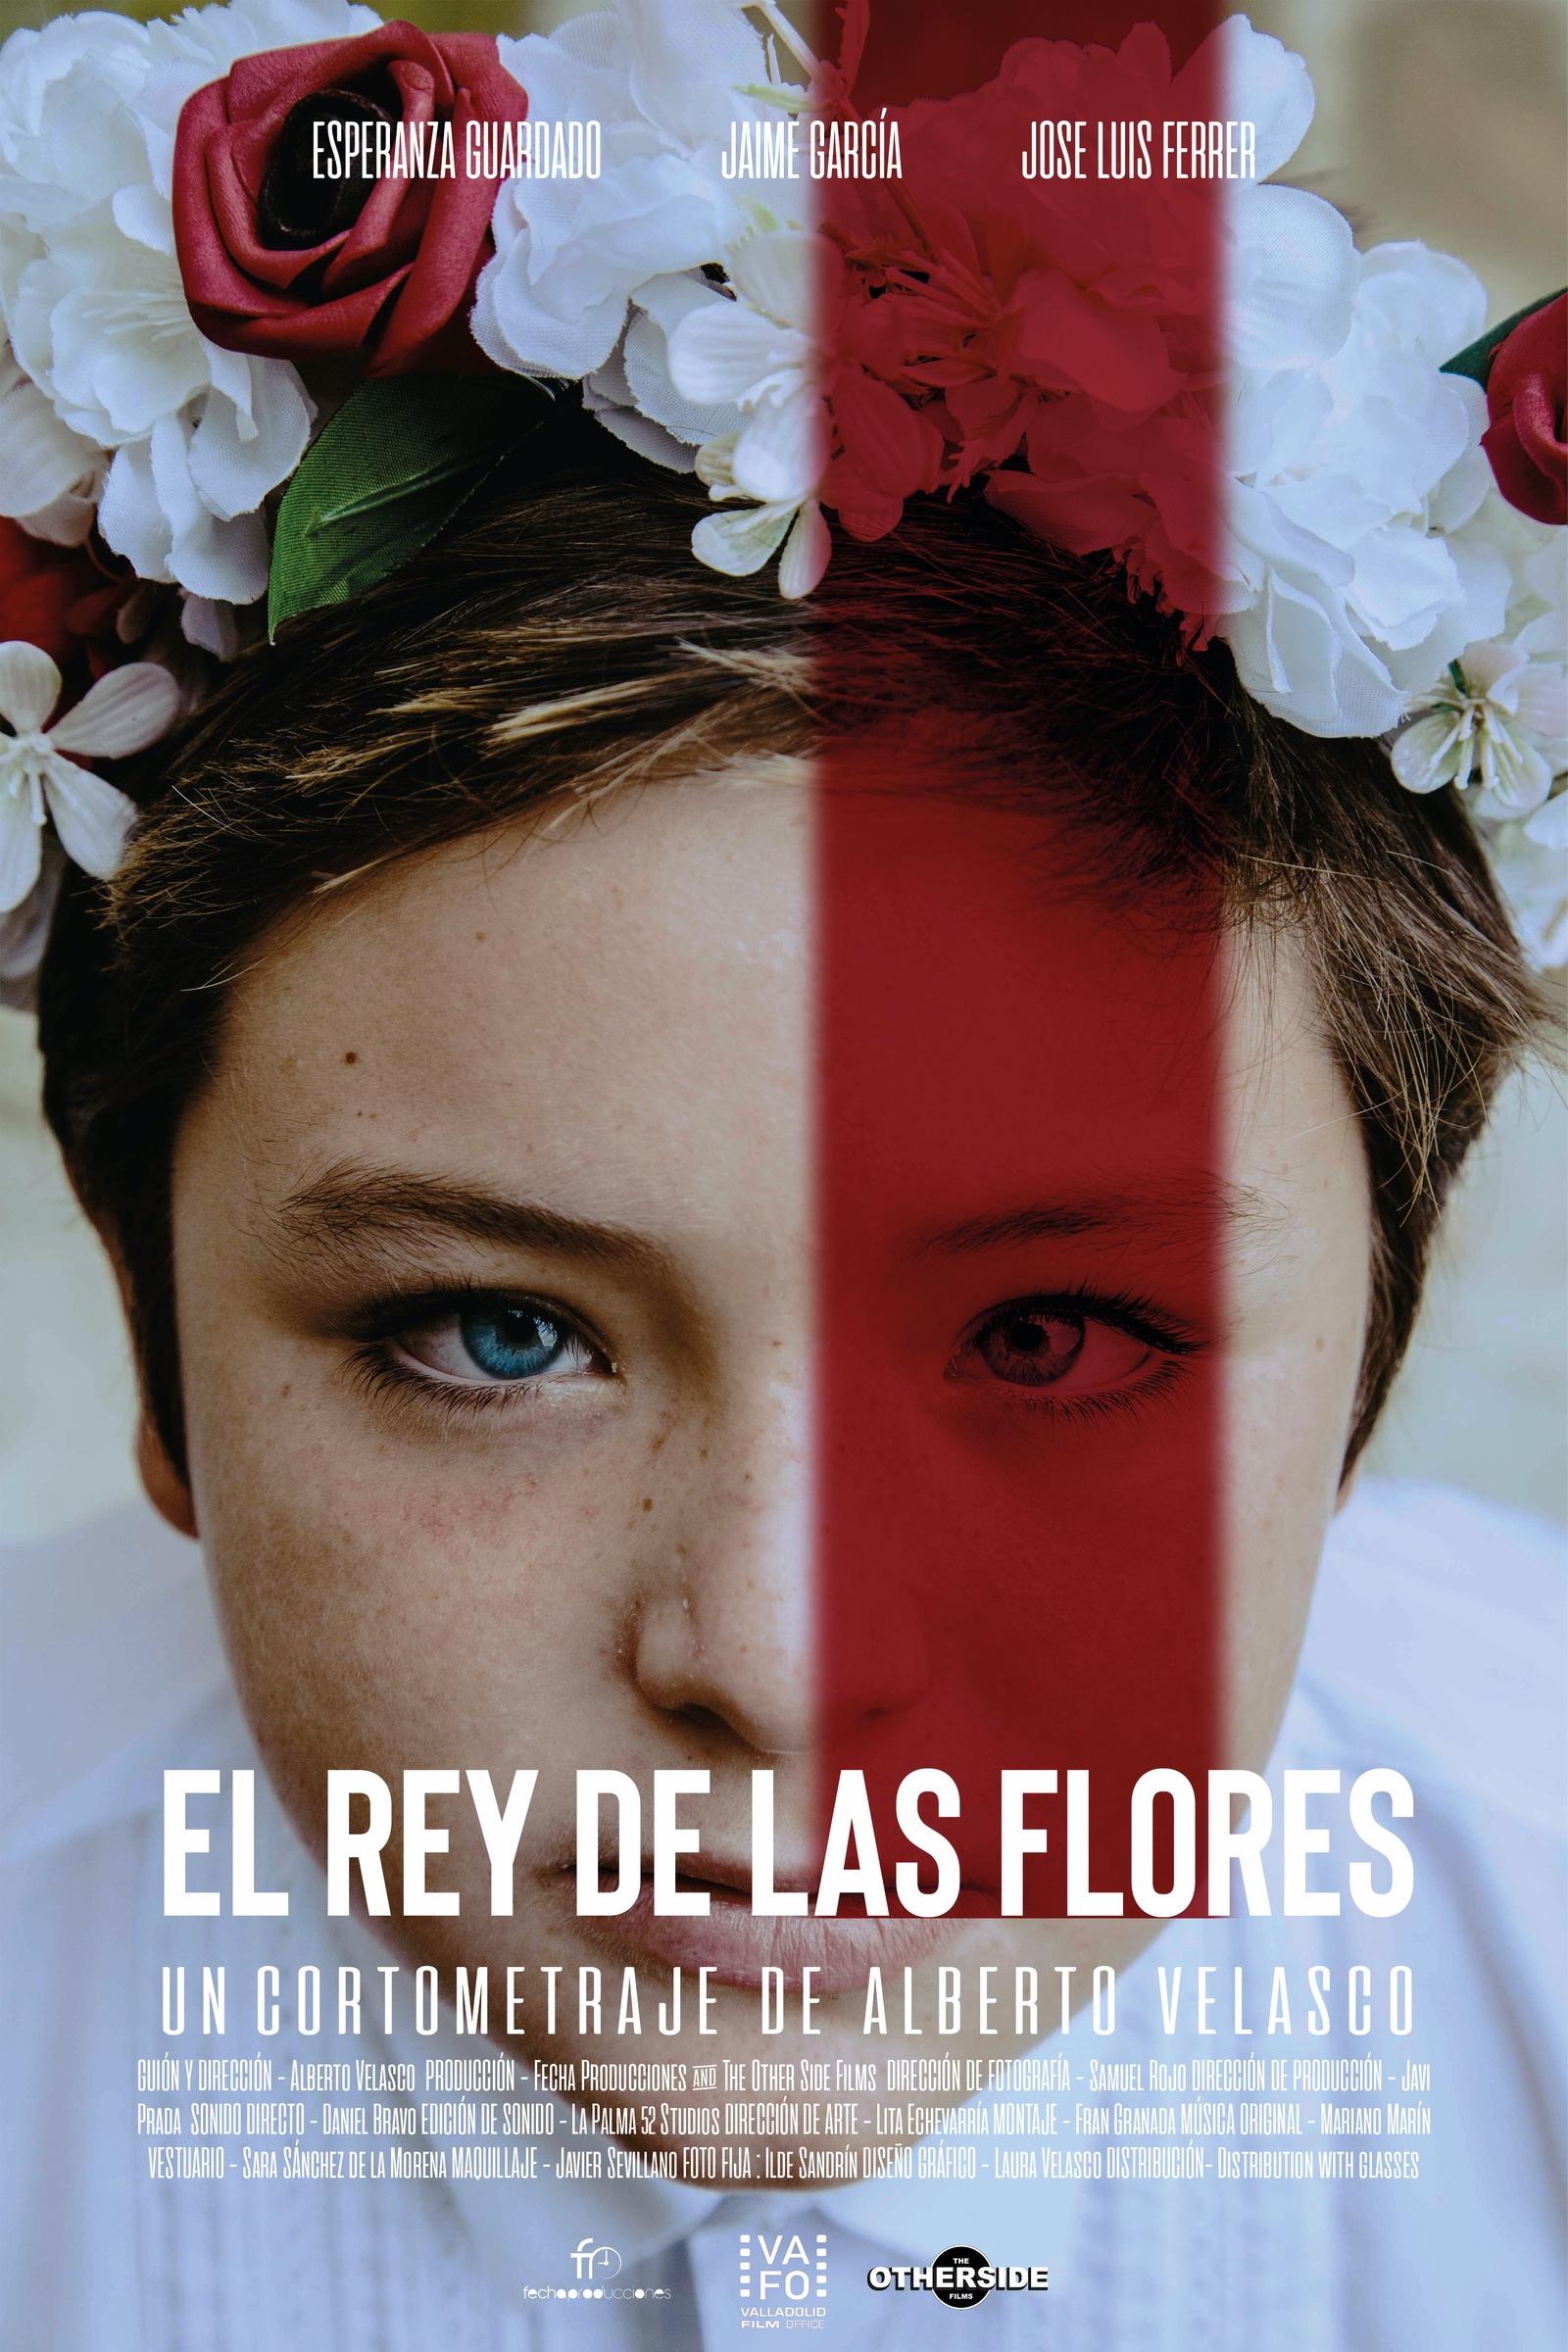 El rey de las flores (The King of Flowers)